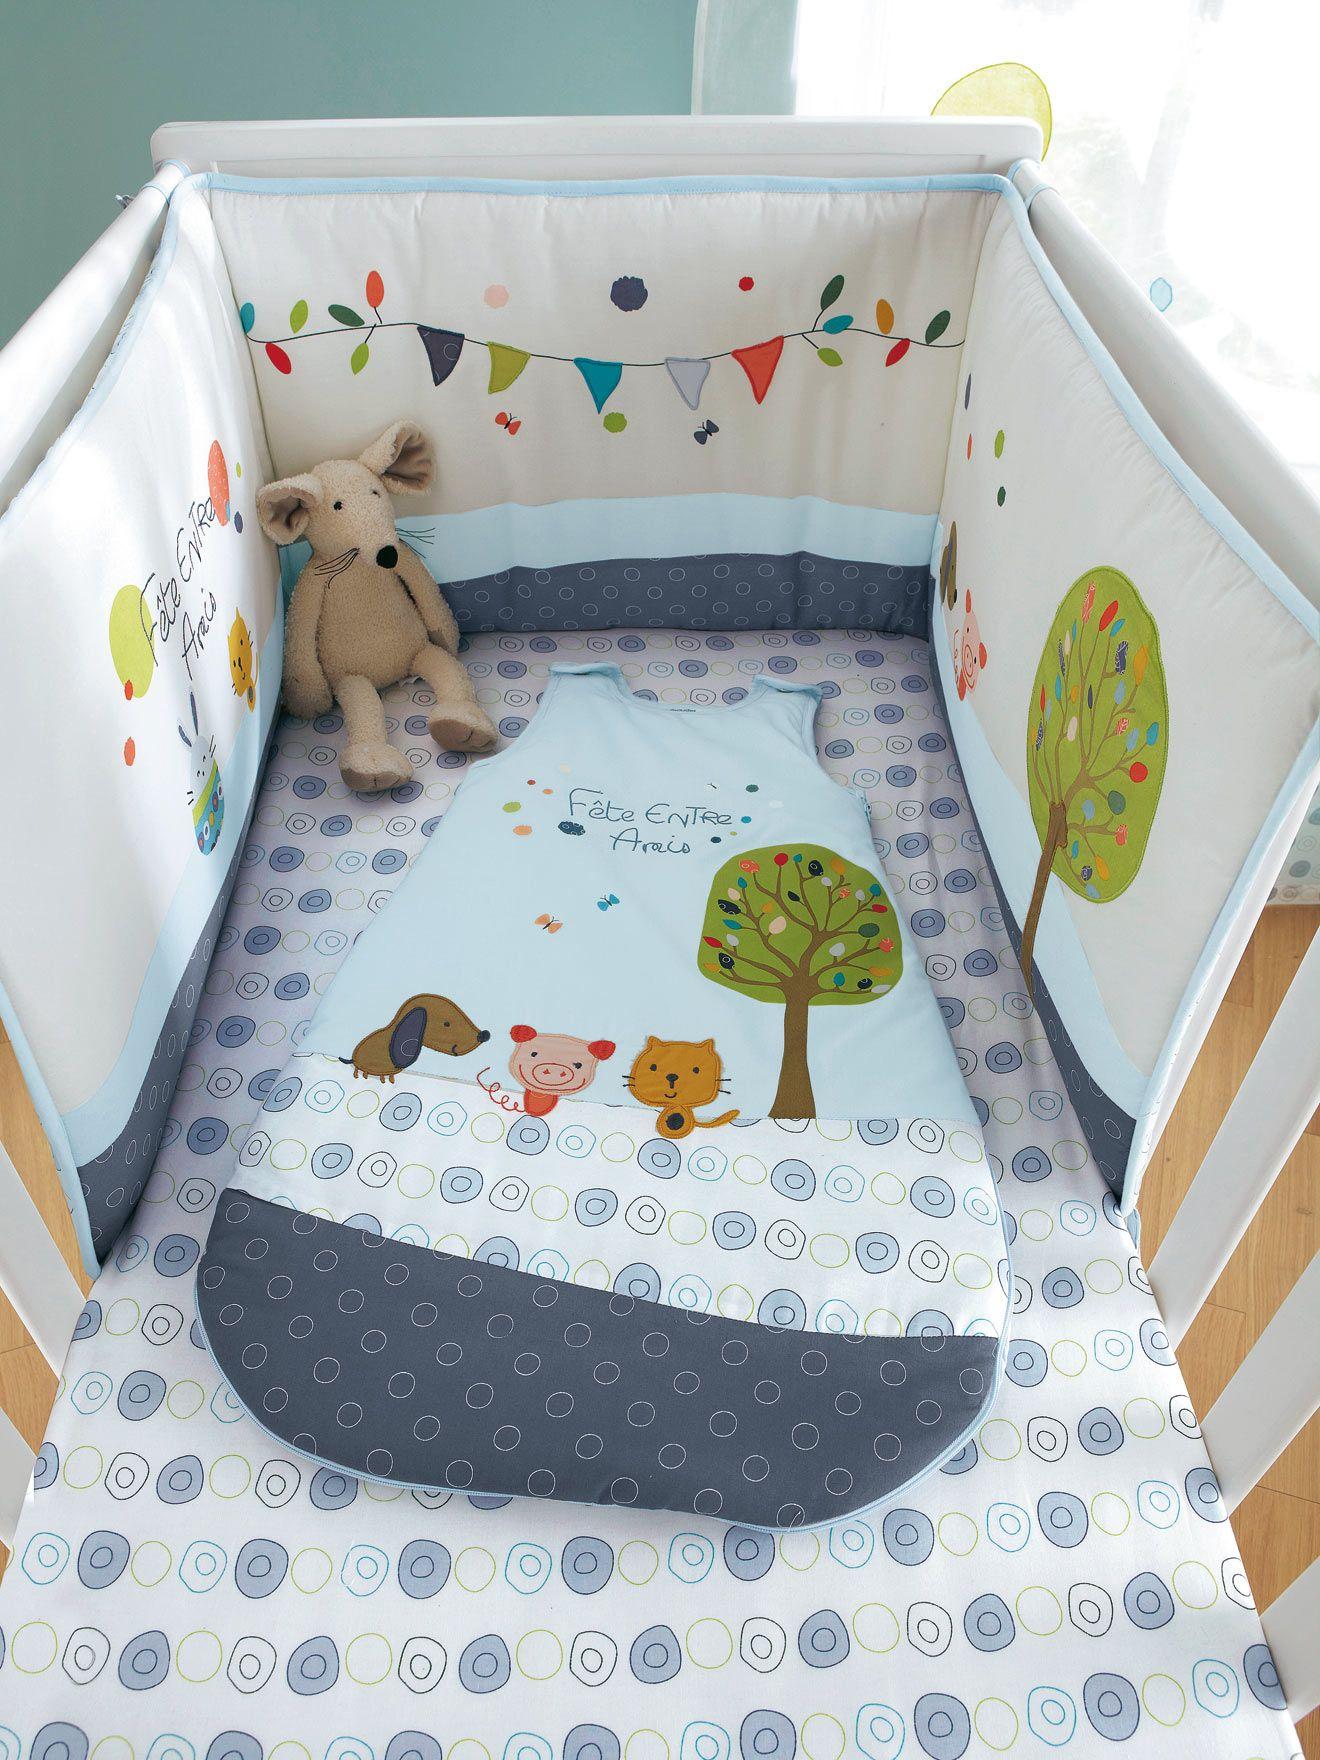 dimension tour de lit bébé couture Tour de lit brodé bébé thème Fête entre amis, Puériculture   cot  dimension tour de lit bébé couture